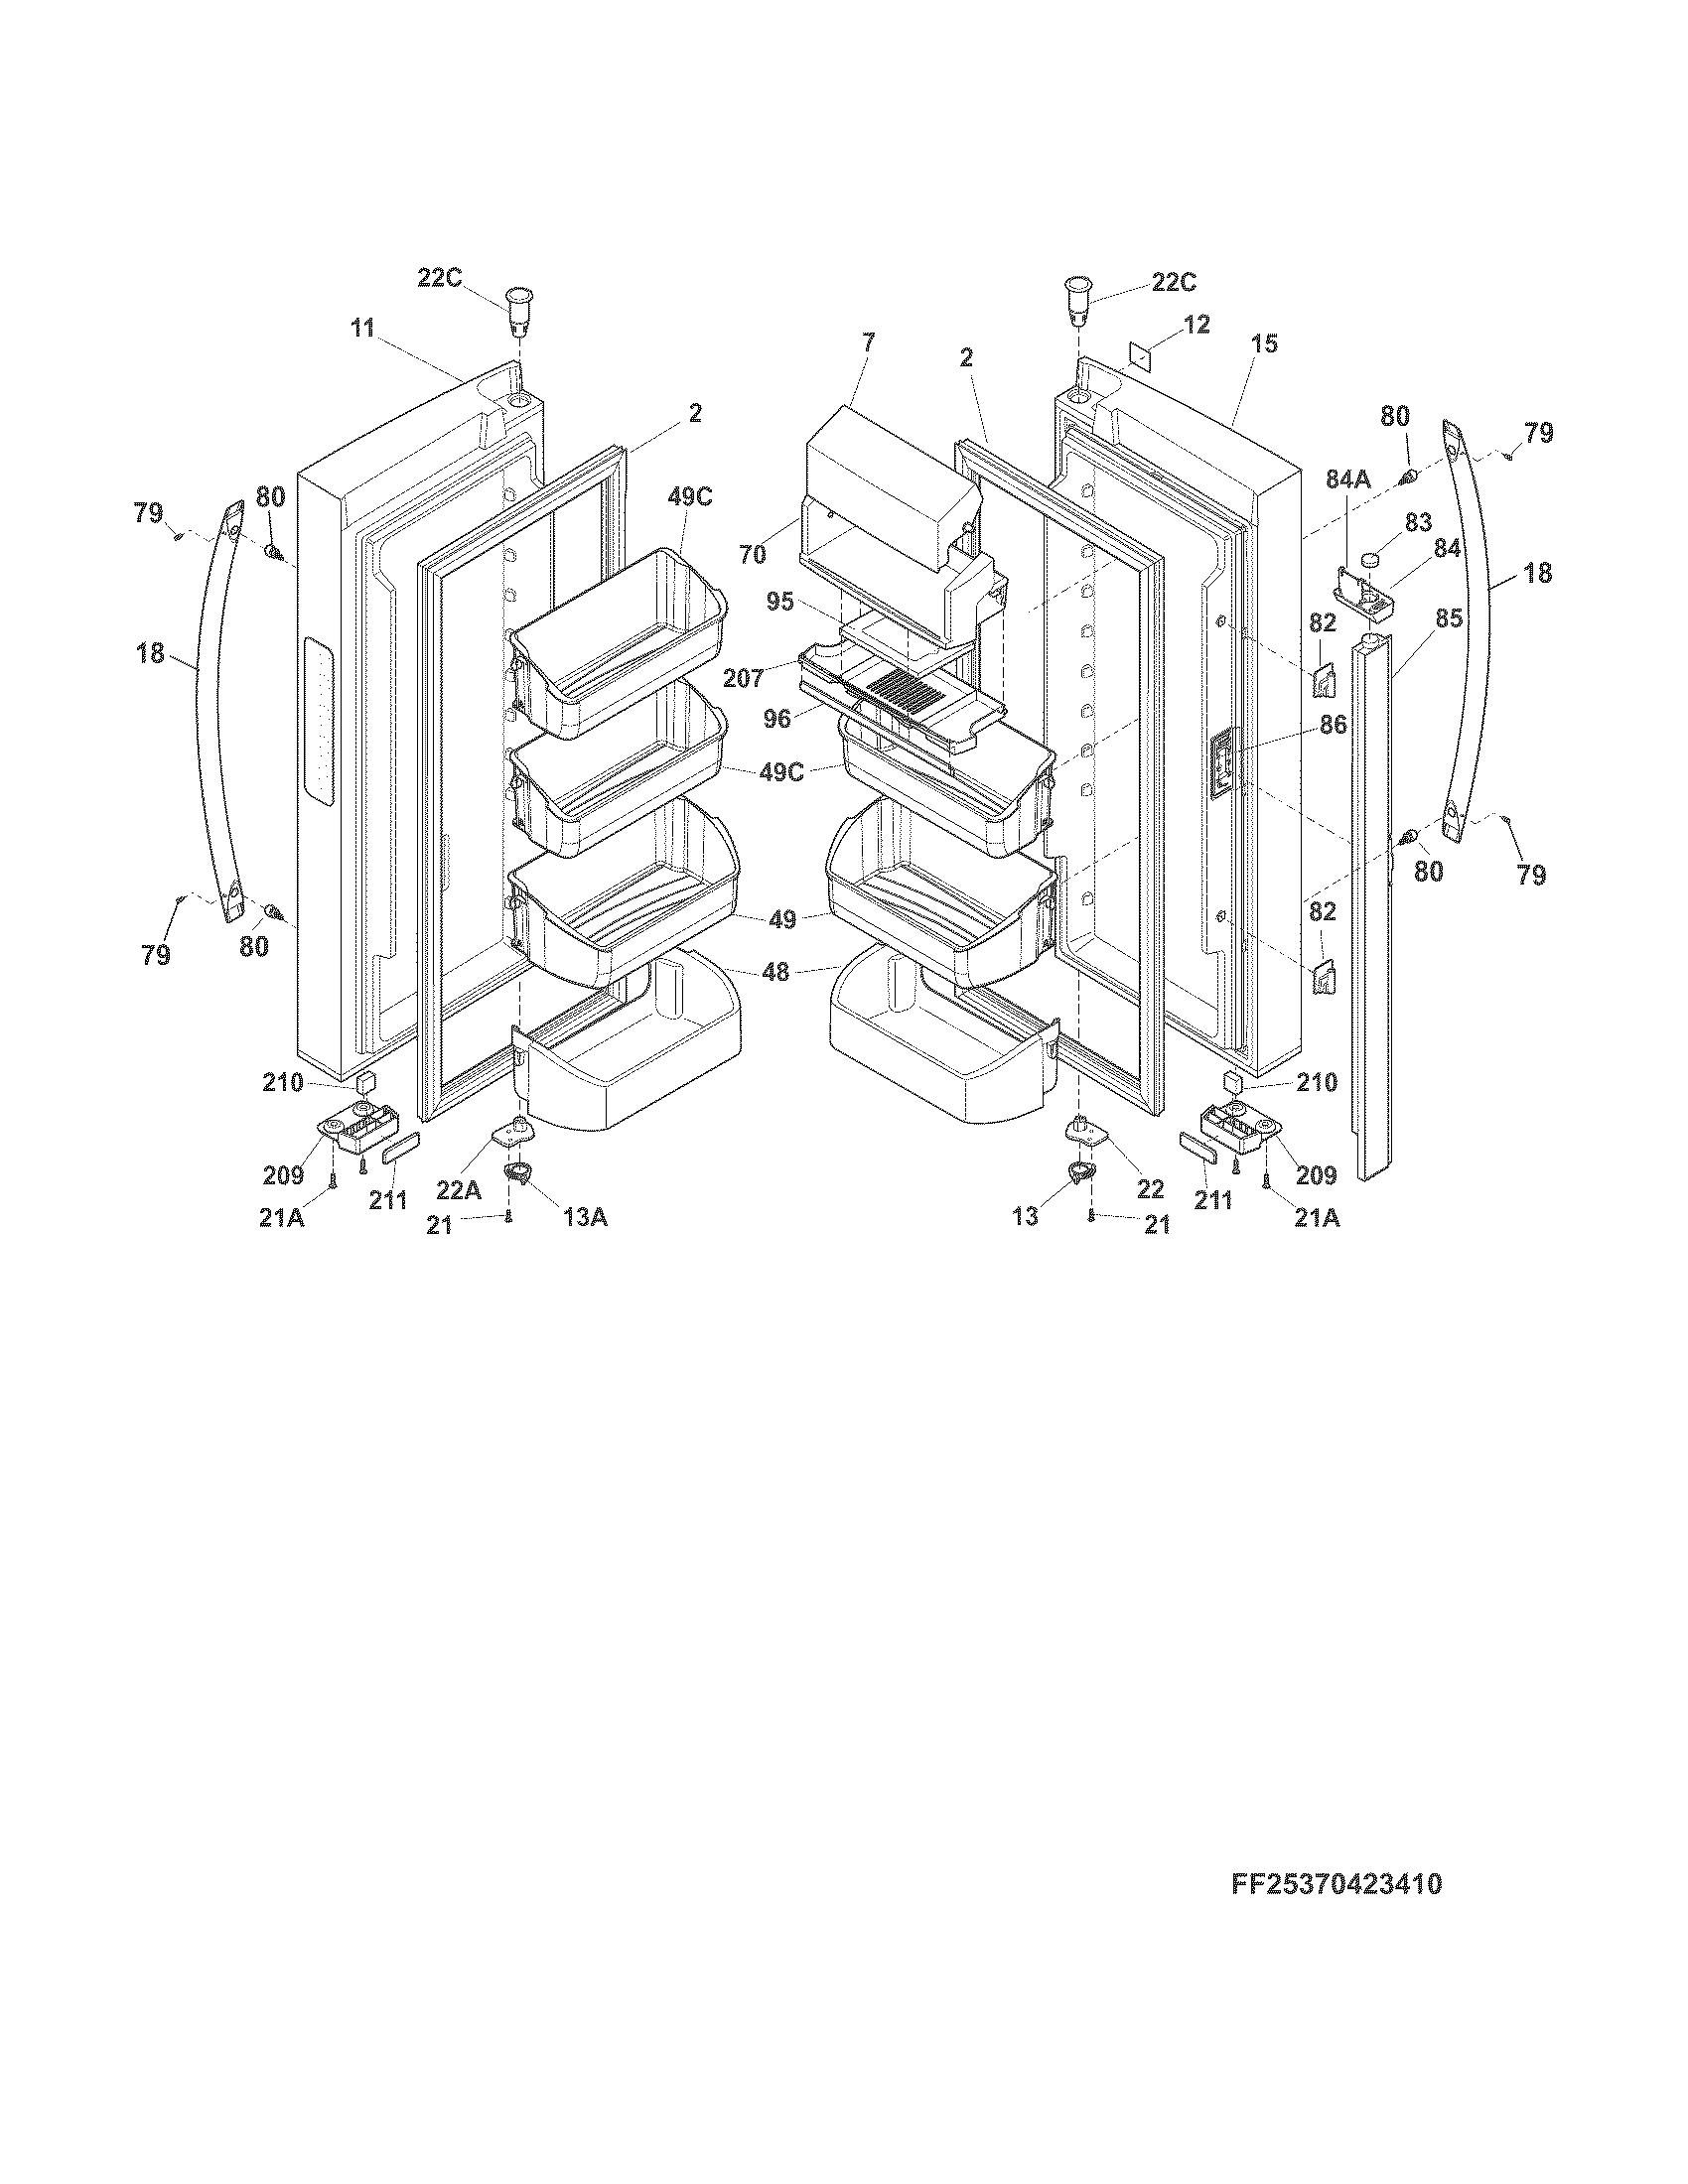 ef74 5as freezer wiring diagram